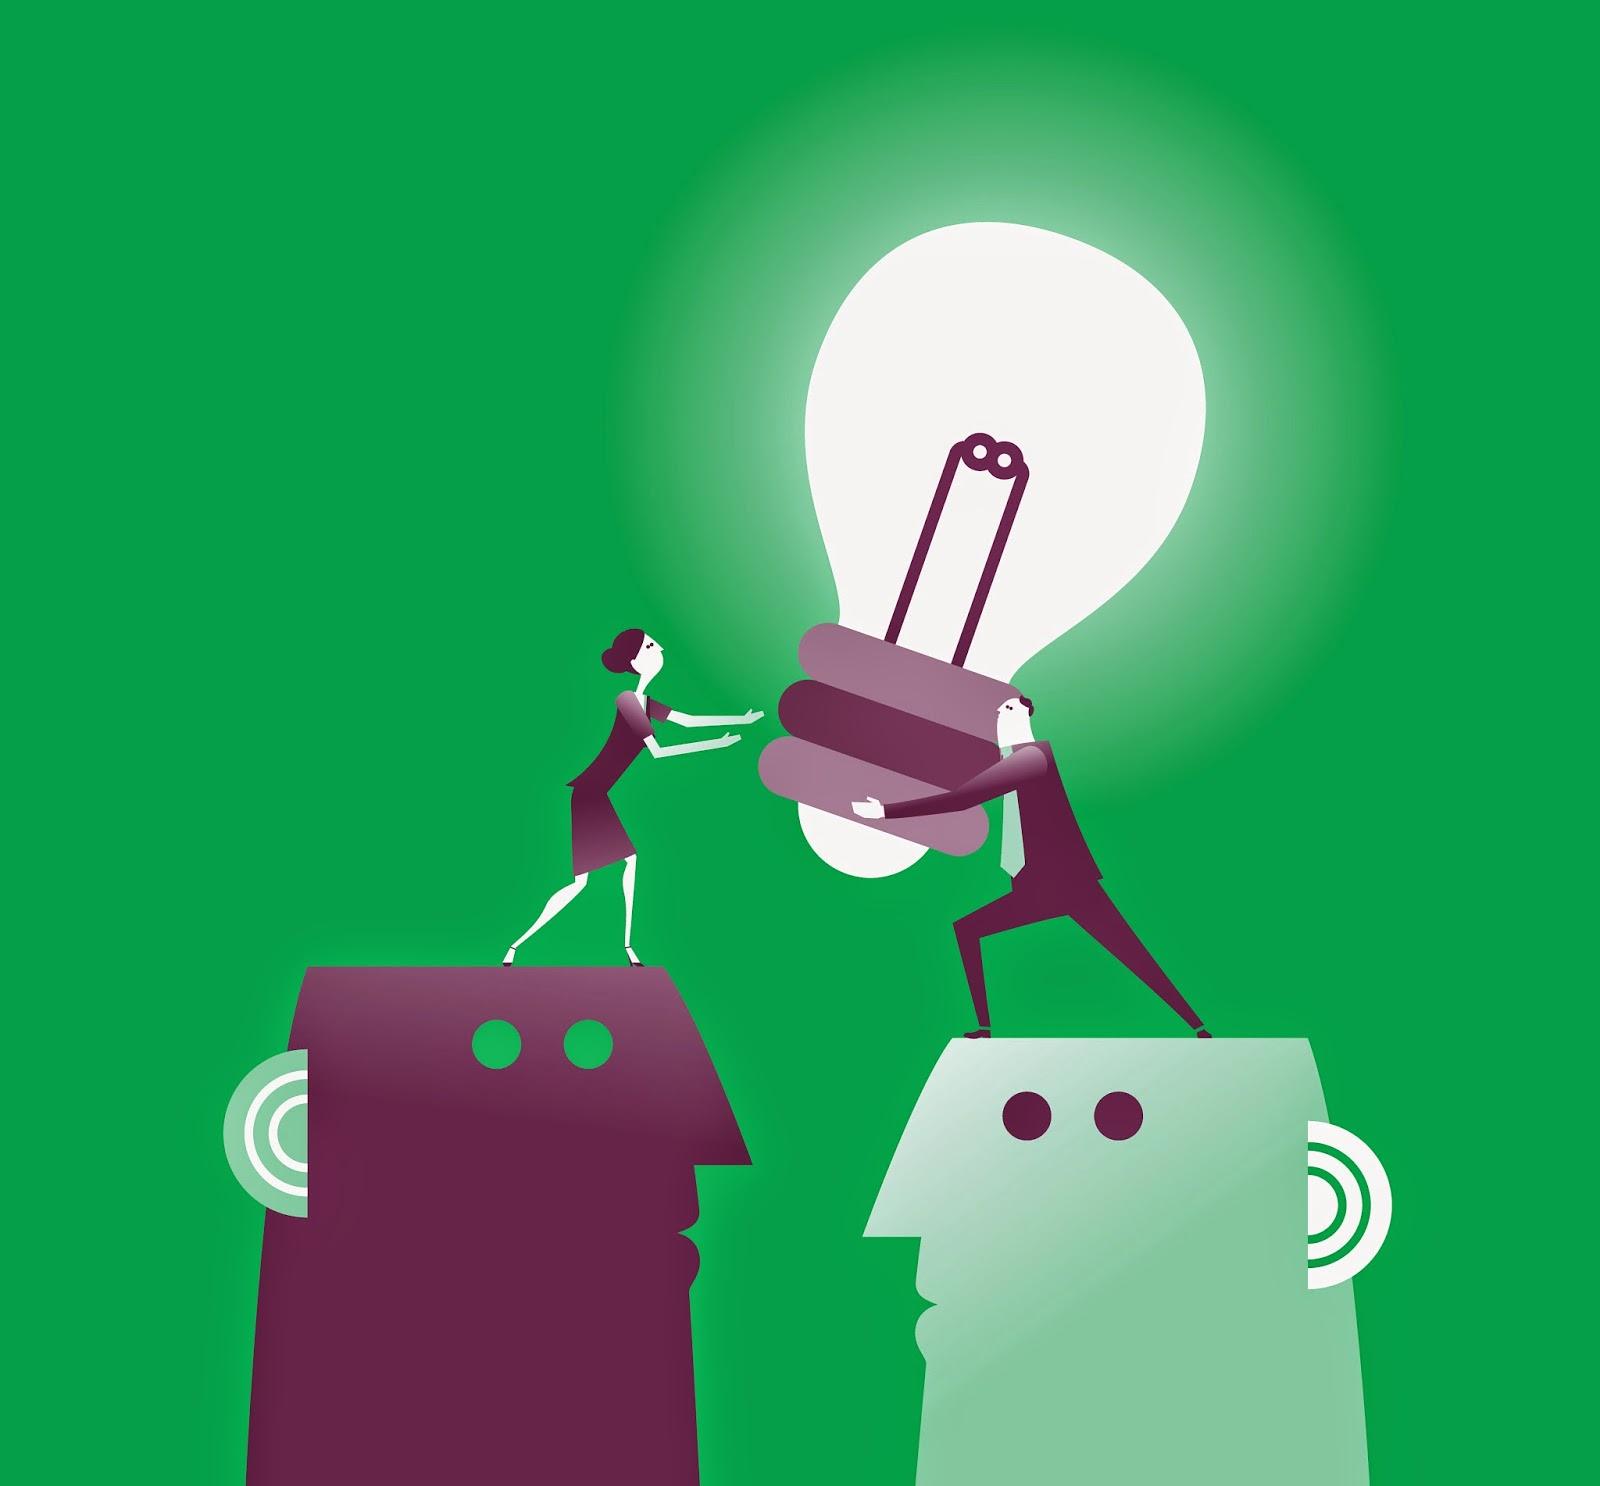 http://www.incogibanje.si/od-inspiracije-do-inovacije